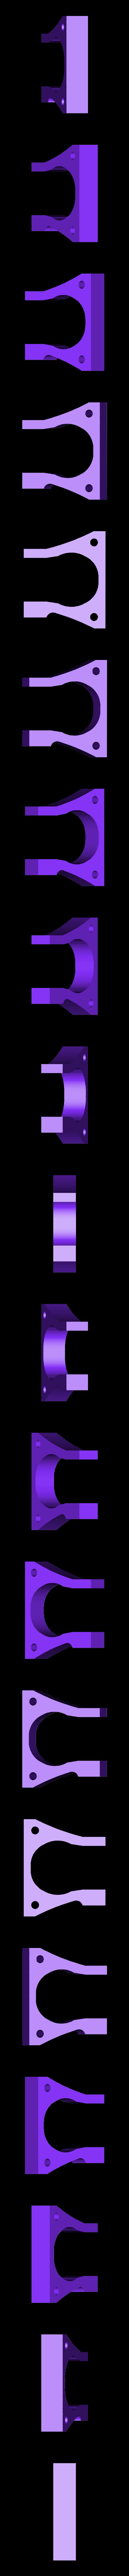 Bike_horn_holder1.stl Télécharger fichier STL gratuit Klaxon MP3 pour vélo • Modèle pour impression 3D, mschiller